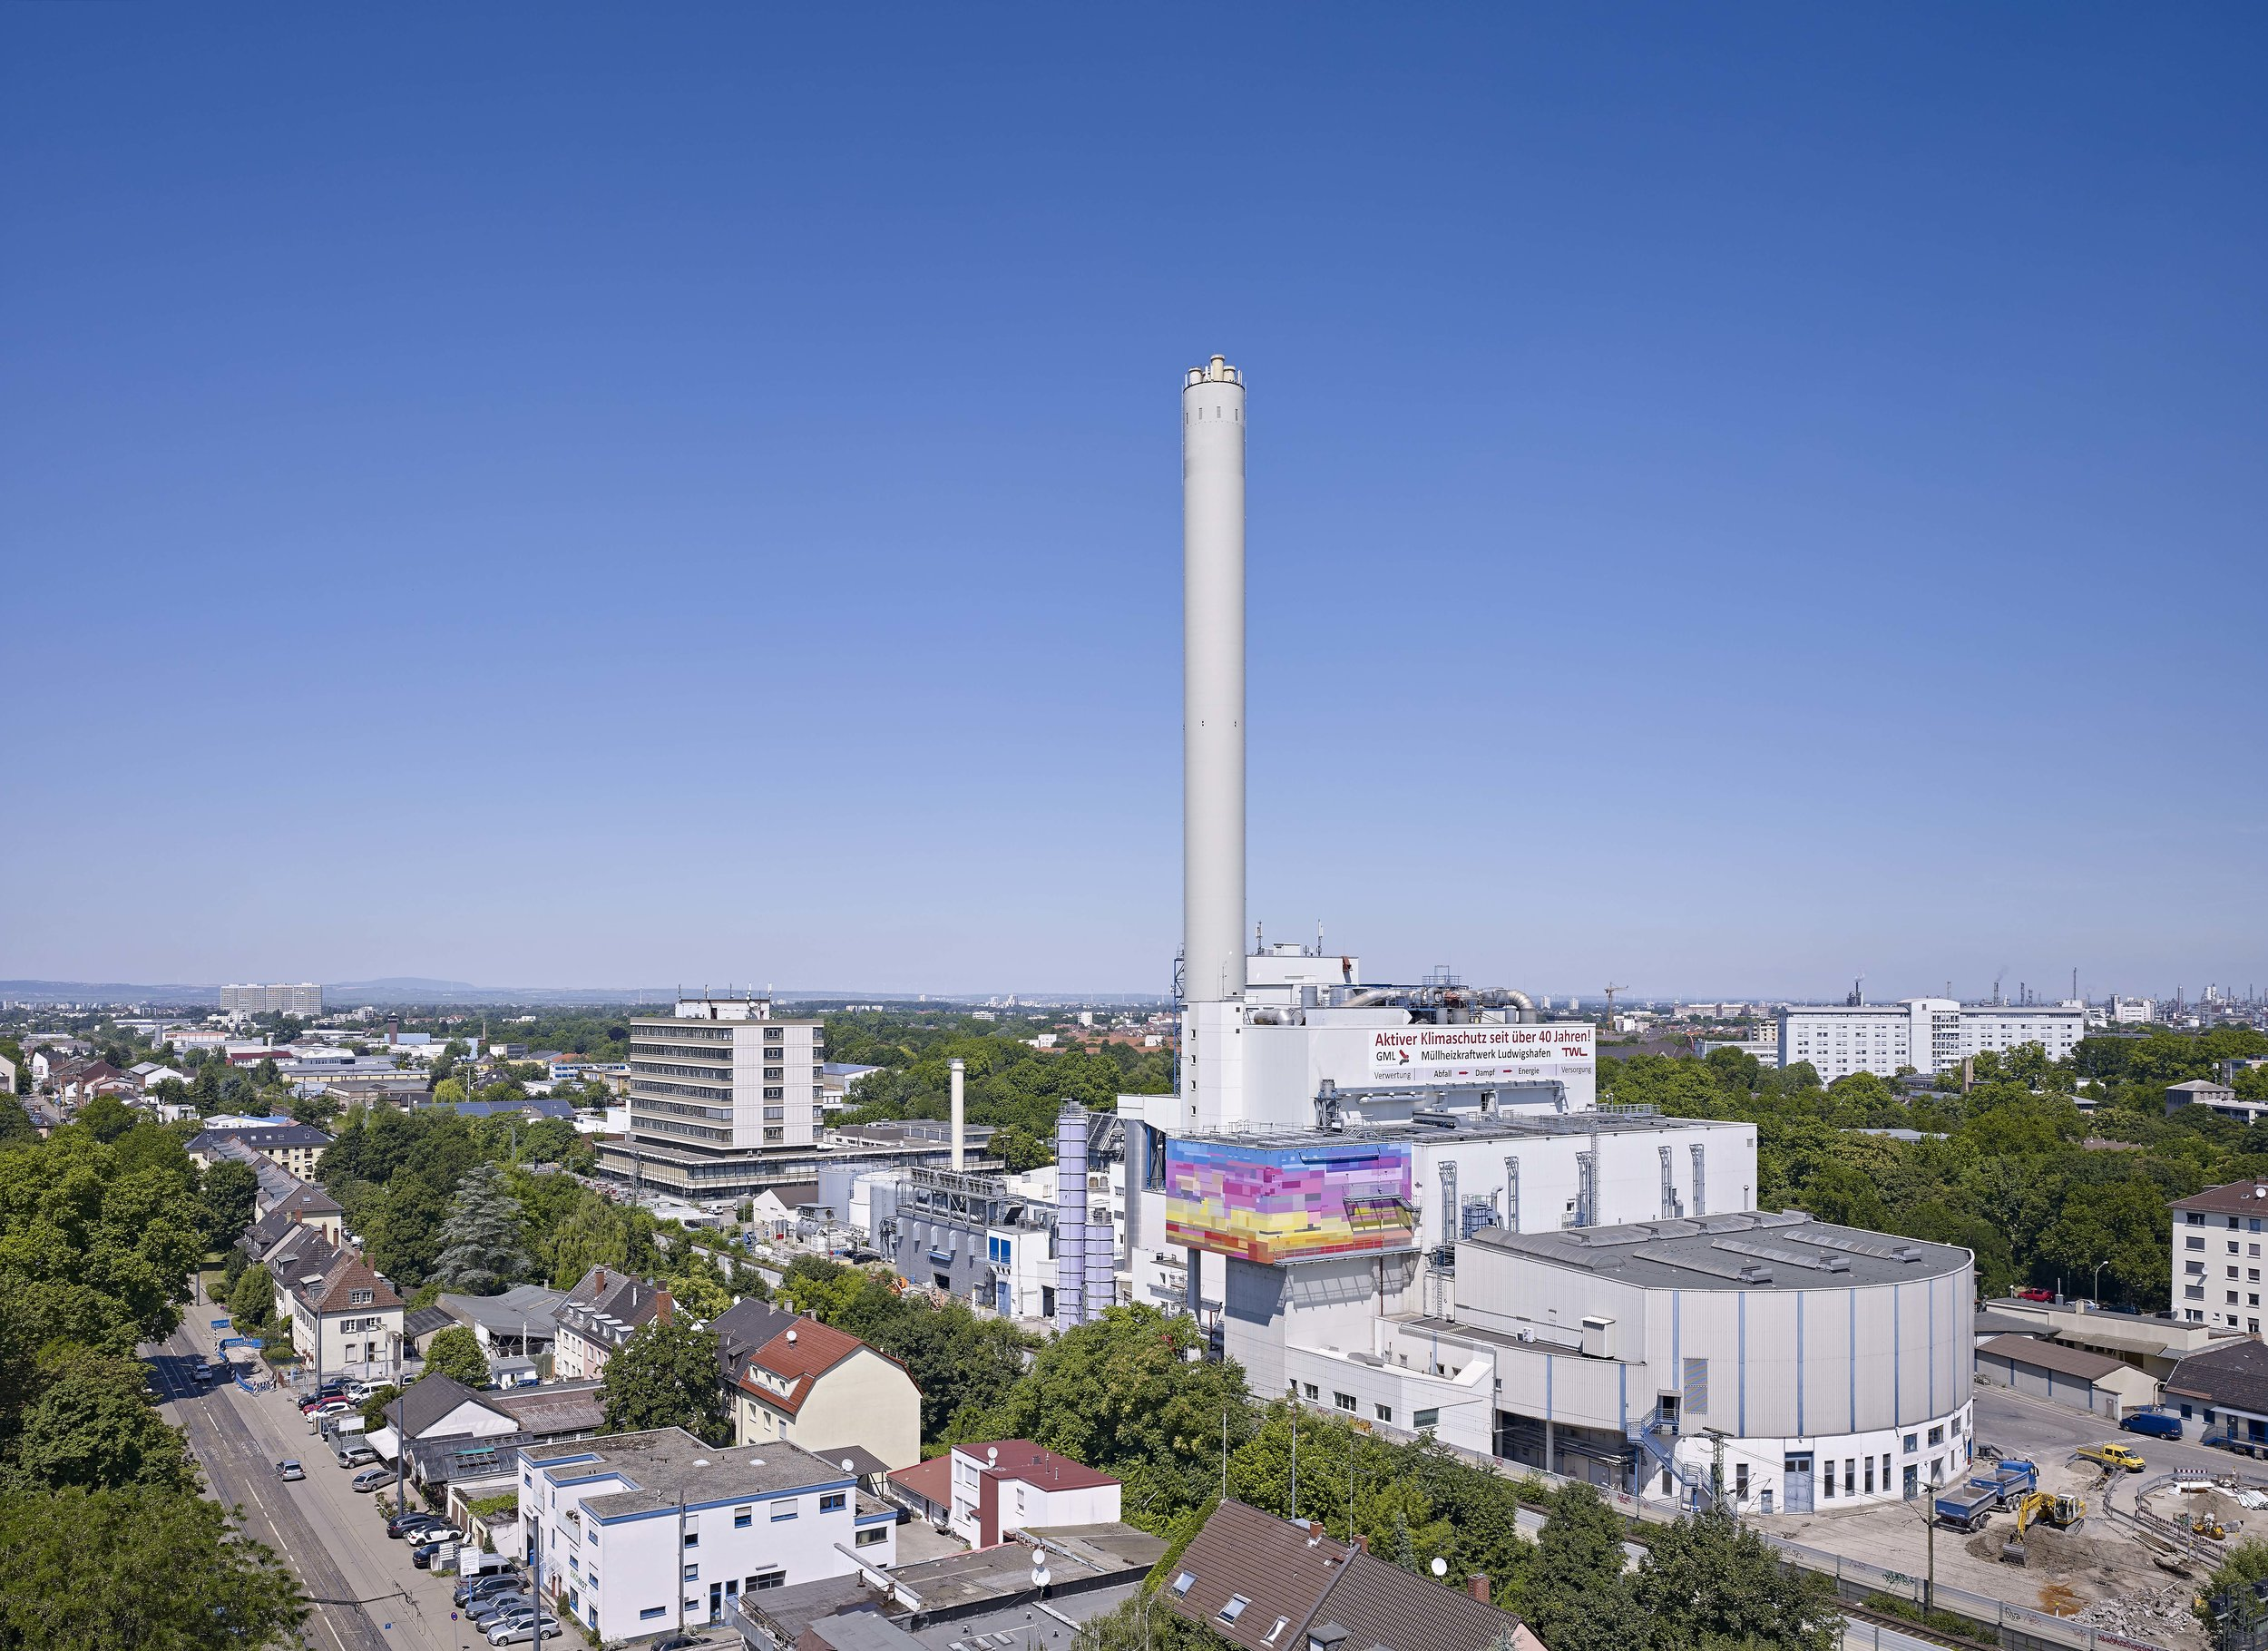 BX_Ludwigshafen-Lagerplatzweg-15.jpg